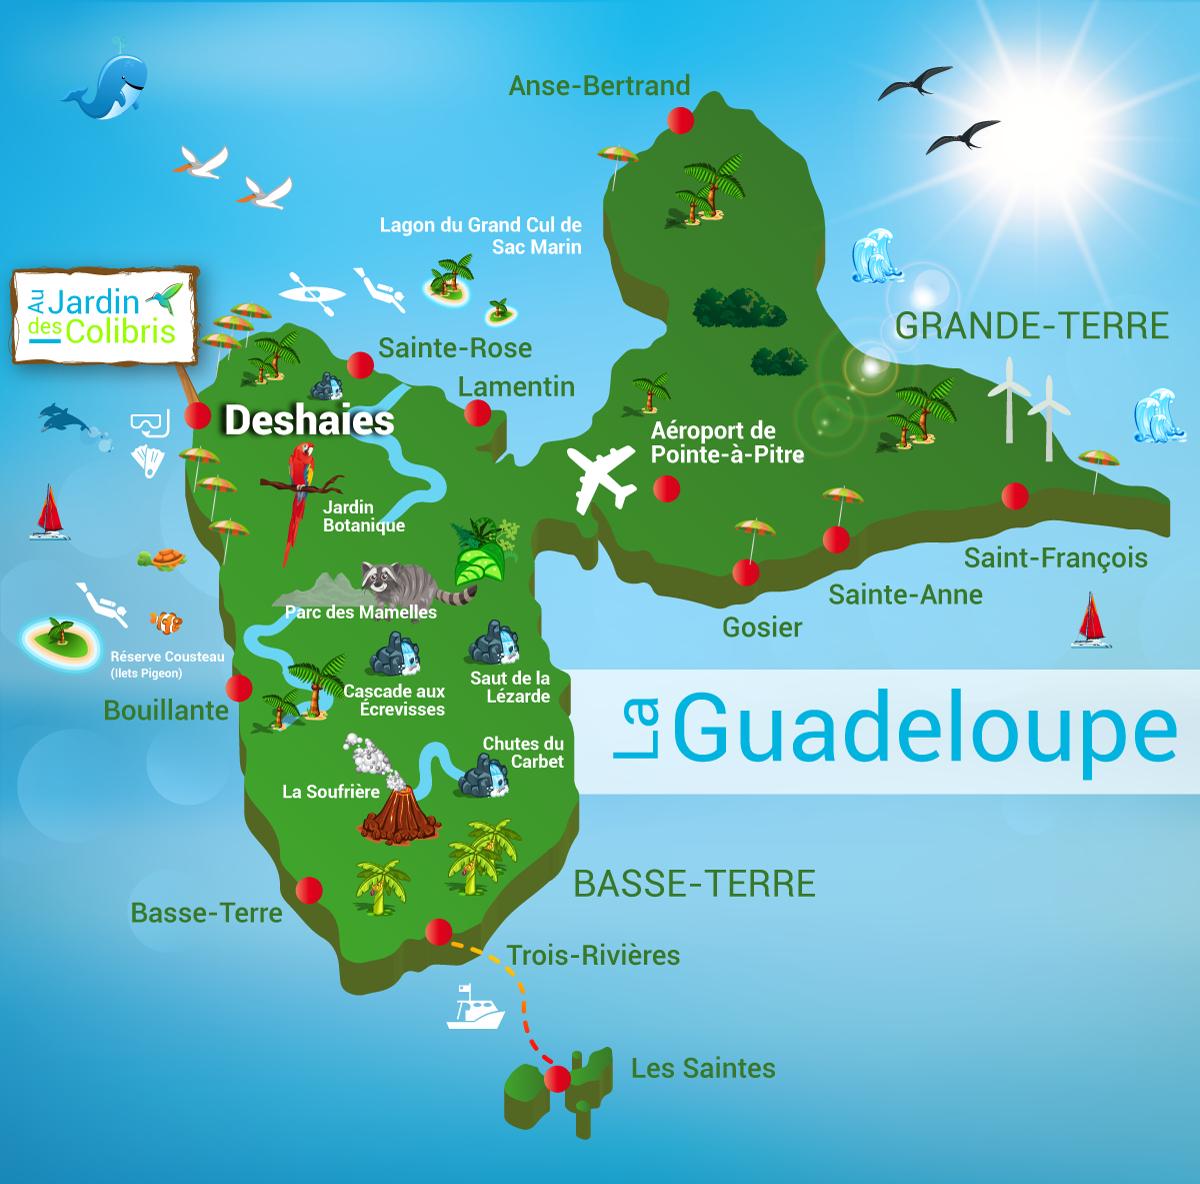 Location De Gite En Guadeloupe À Deshaies - Au Jardin Des ... pour Au Jardin Des Colibris